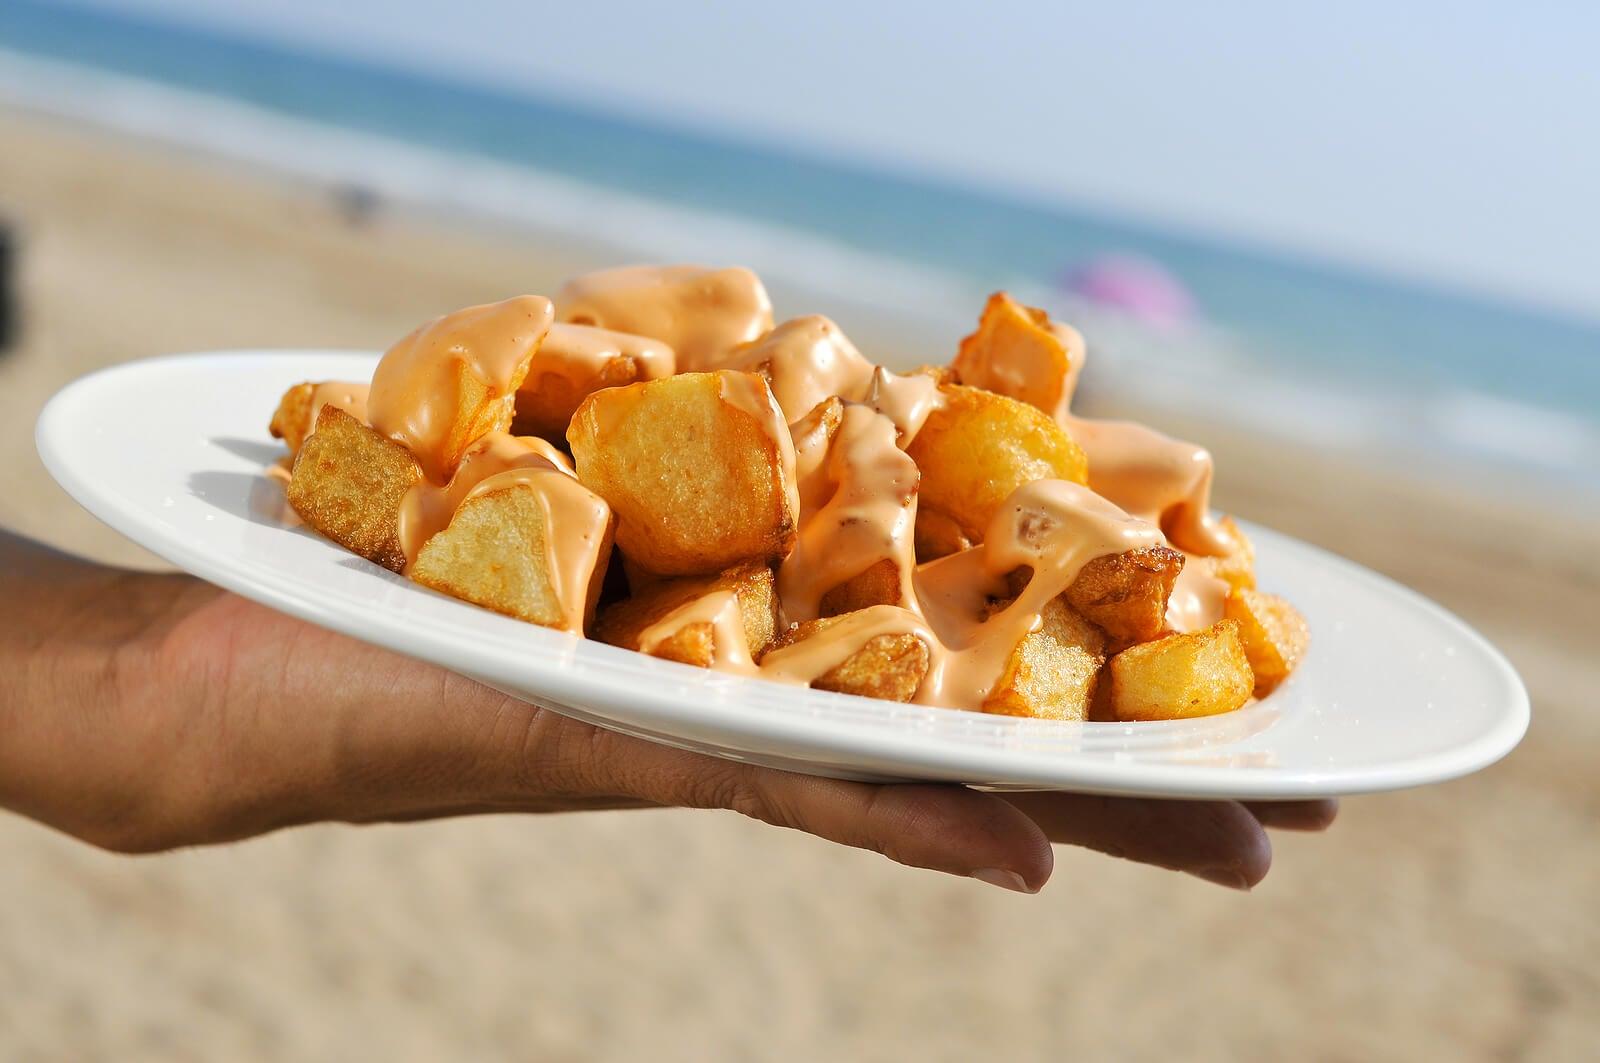 Patatas bravas preparadas en un chiringuito de la playa.